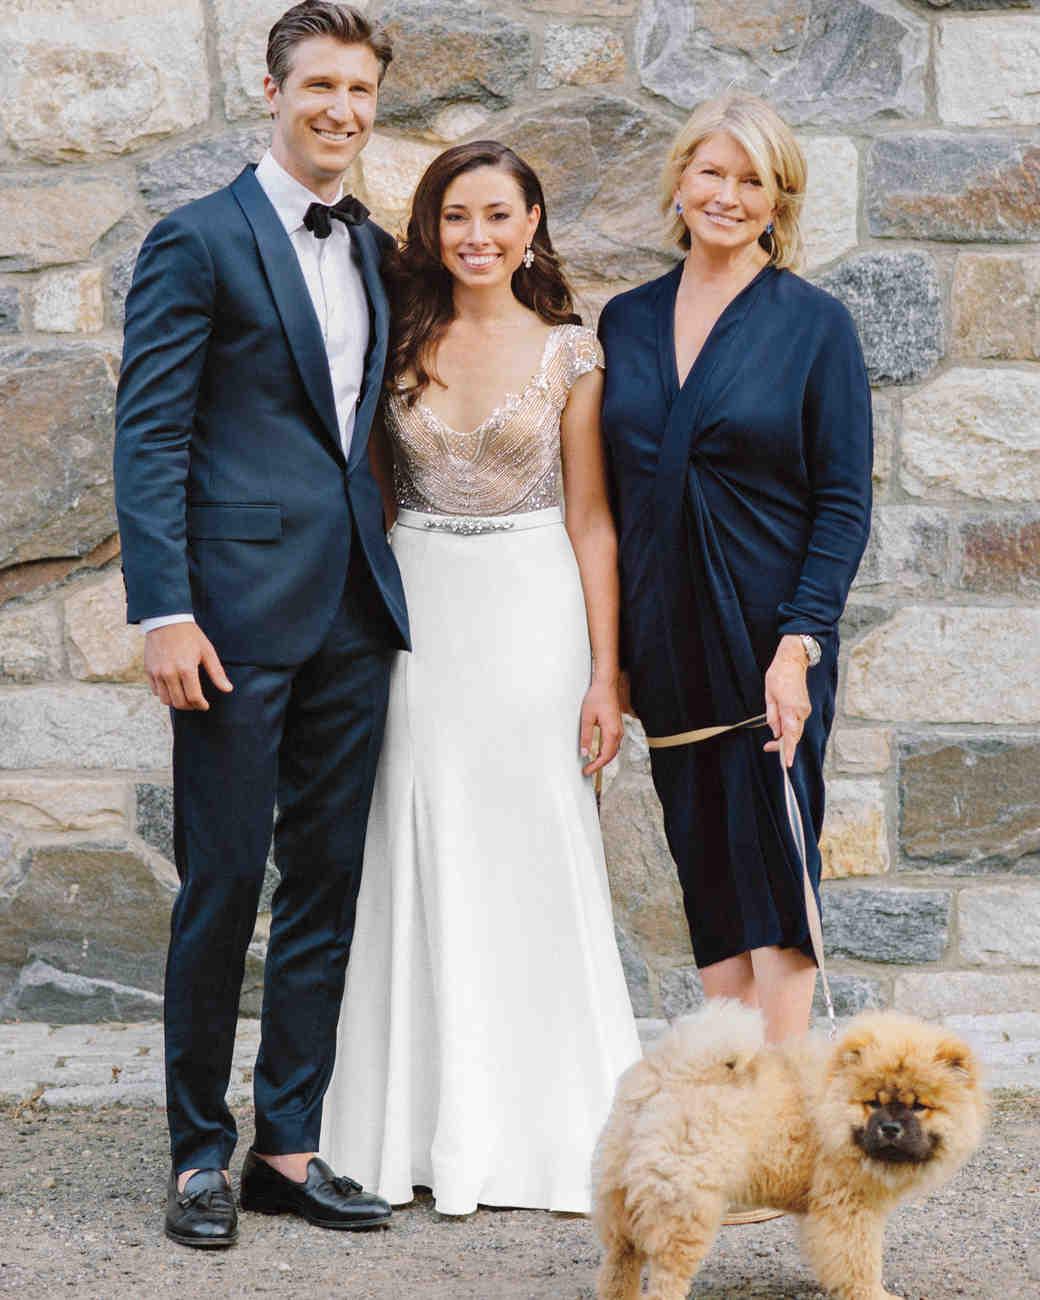 kristina-barrett-wedding-martha-farm-cjl-6331-d112650.jpg